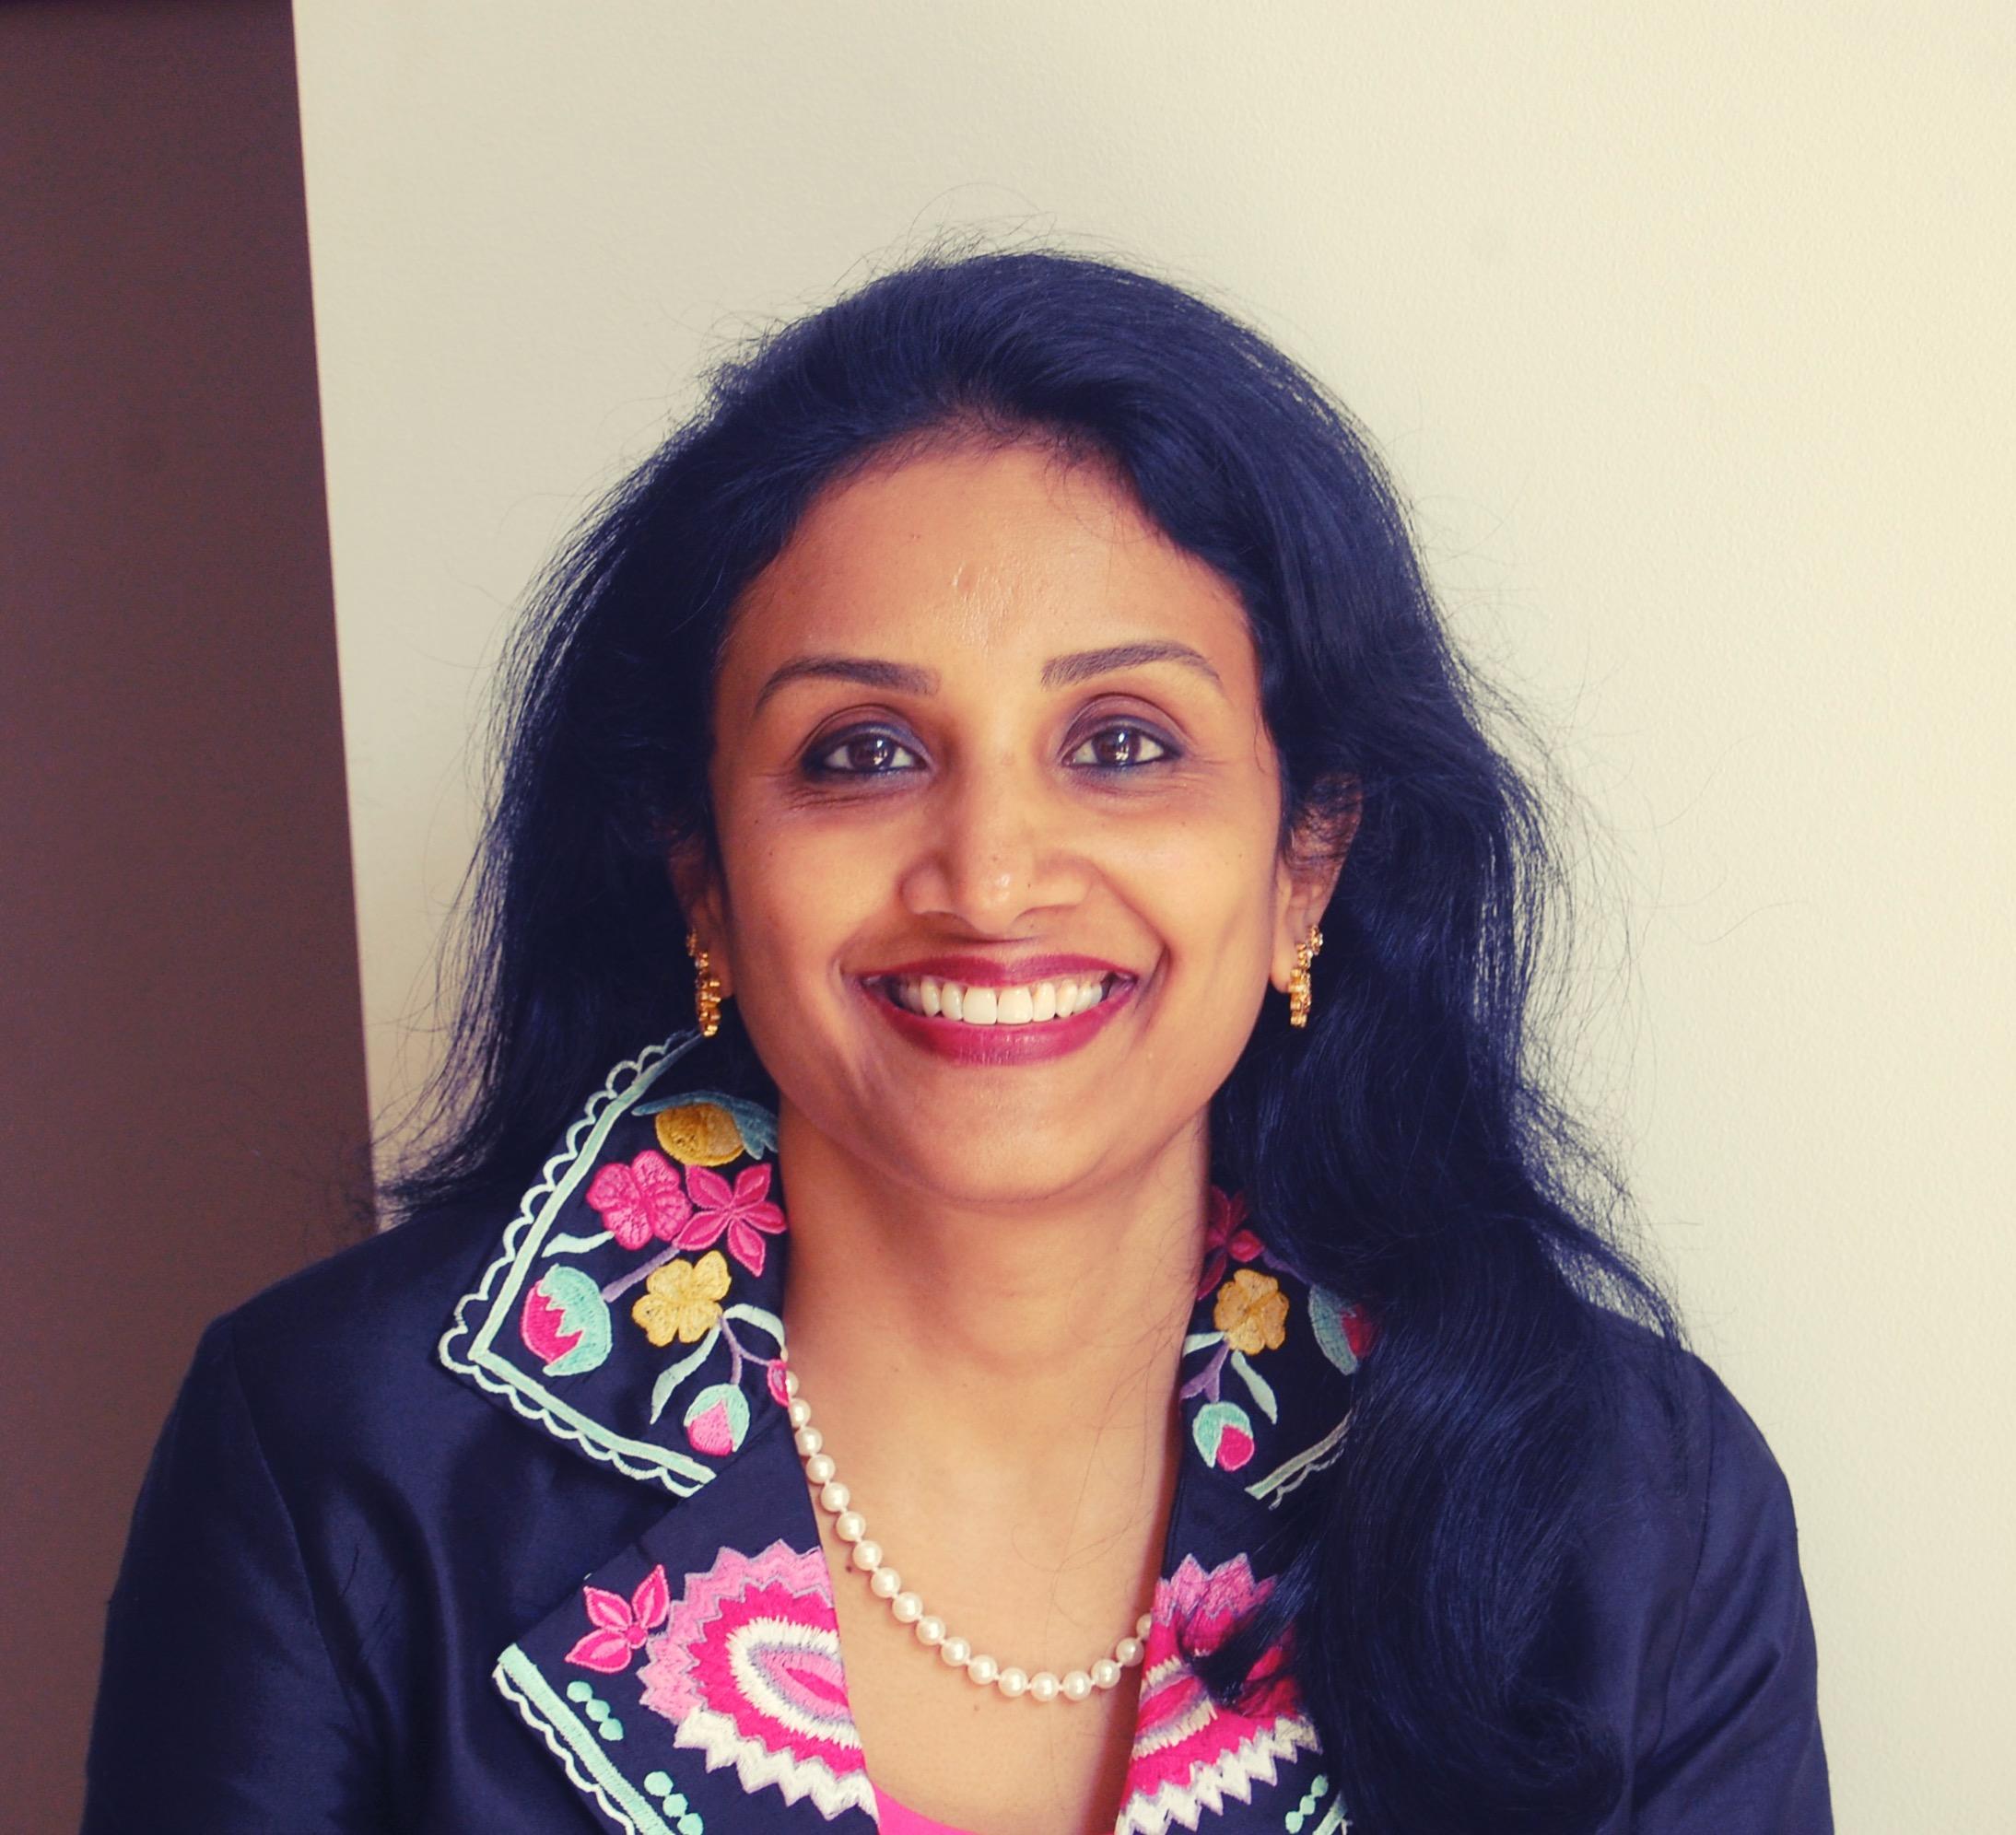 Durga Chigurupati, Owner & Principal Planner / Designer